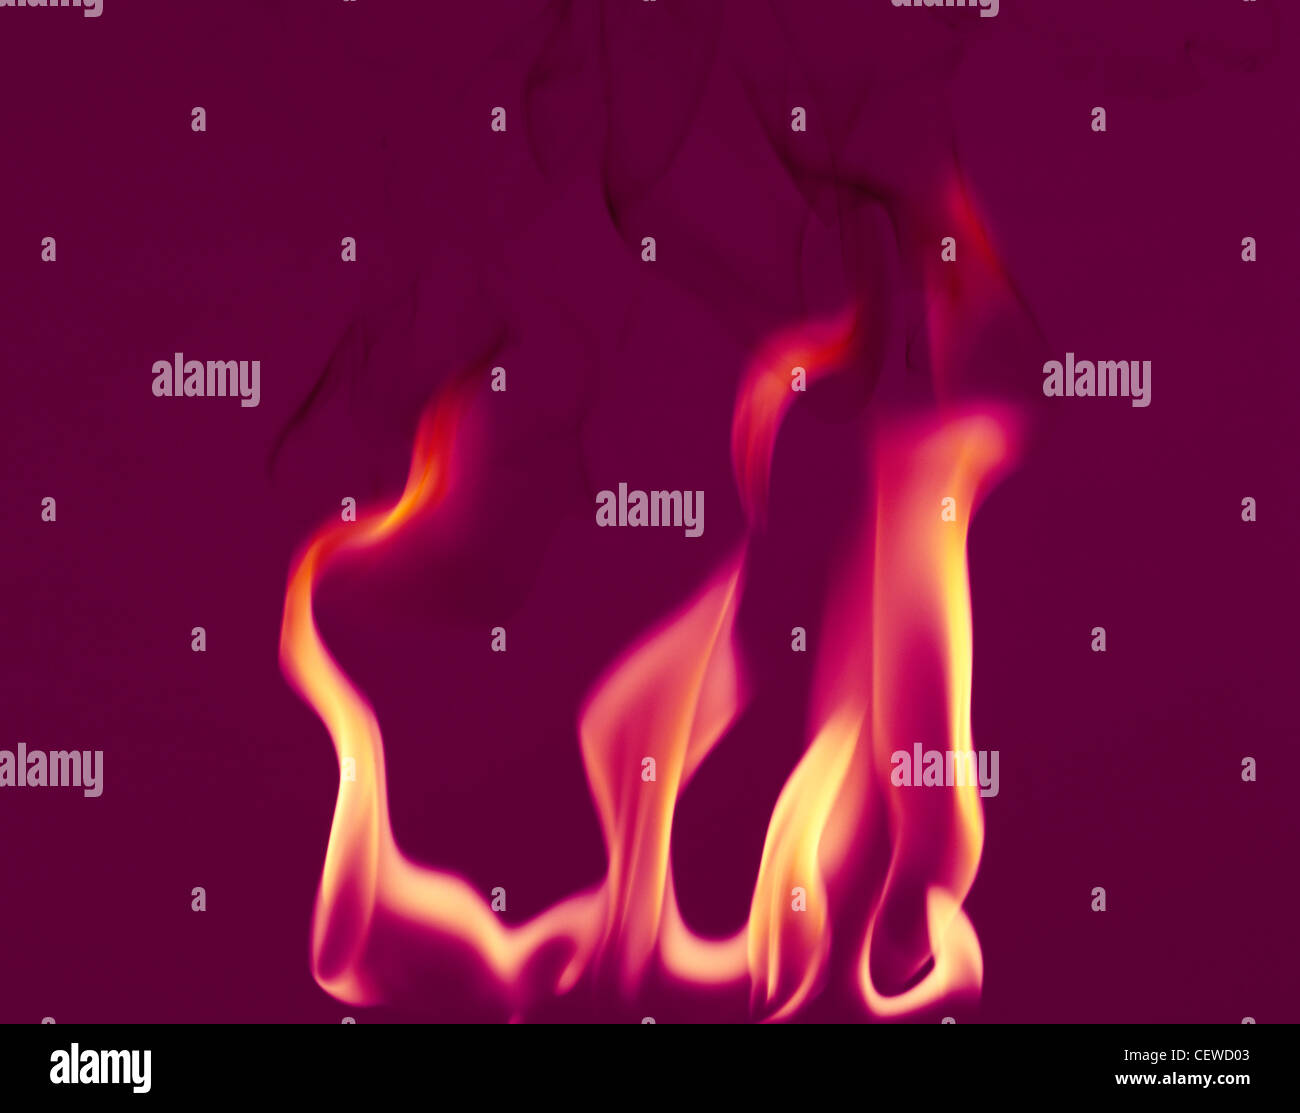 Flammes de feu avec des traces de fumée sur un fond violet foncé Photo Stock